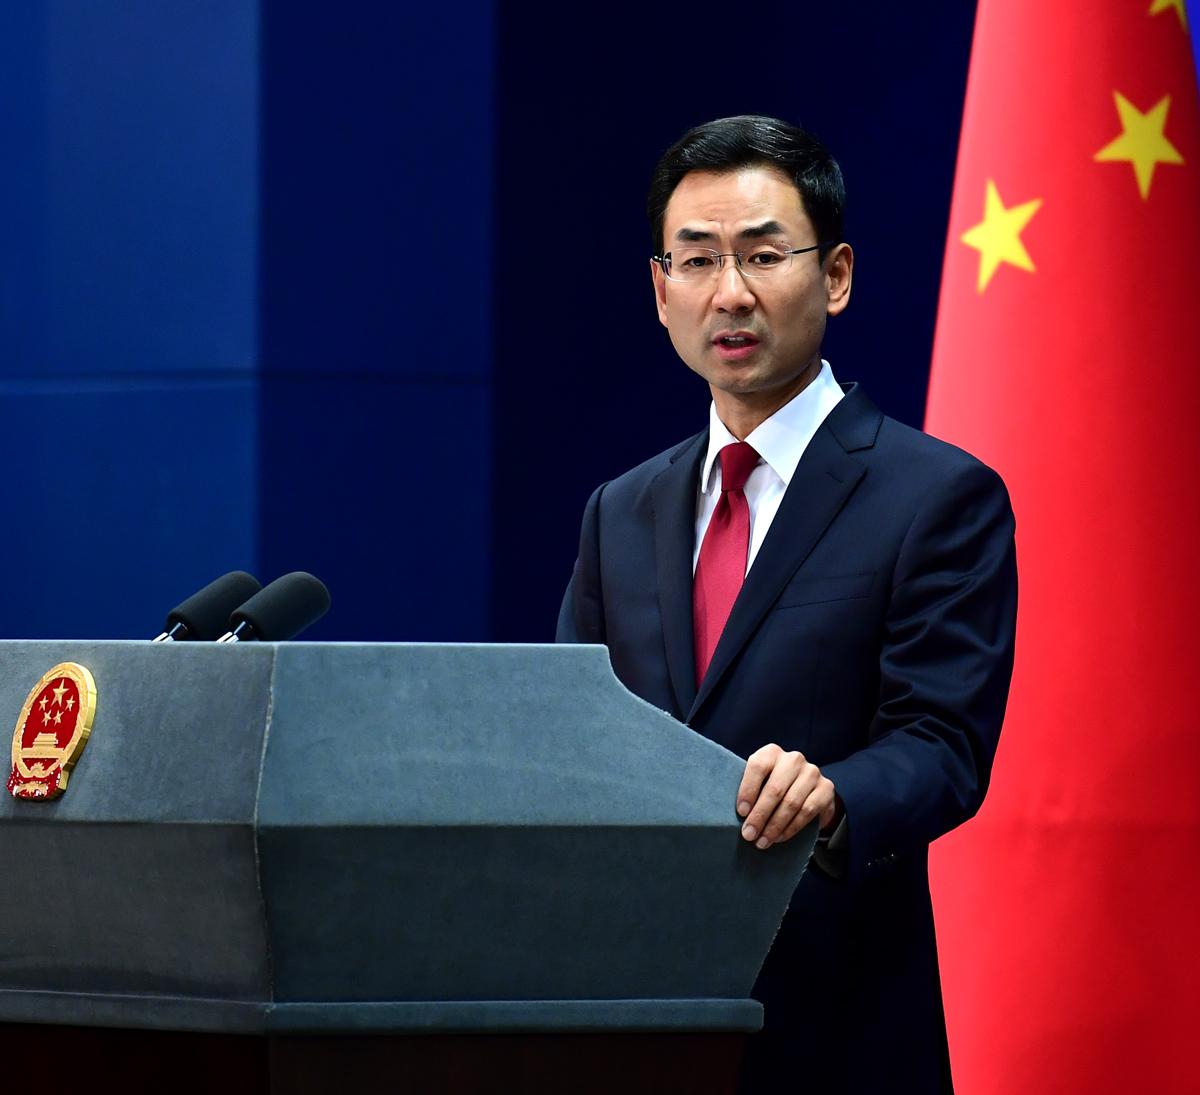 因经济放缓中国迫切希望与美国达